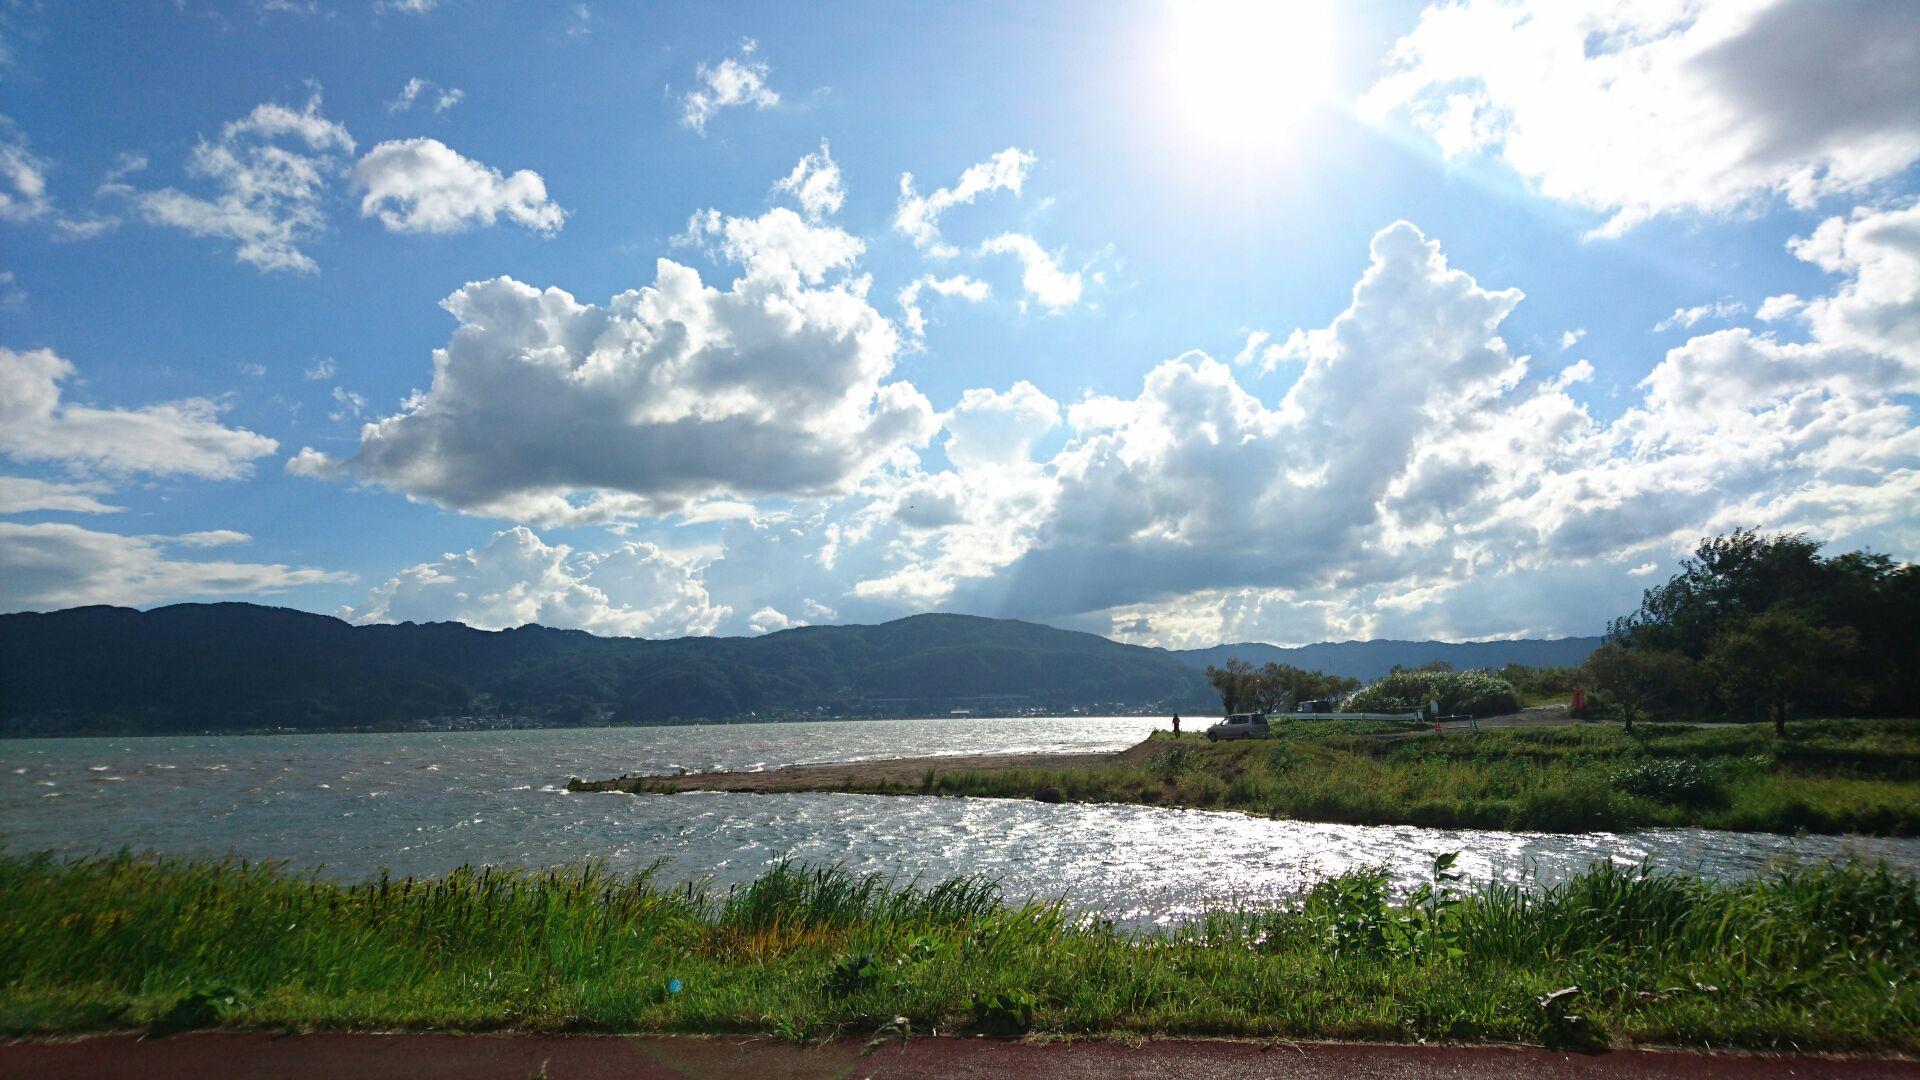 諏訪湖沿岸2